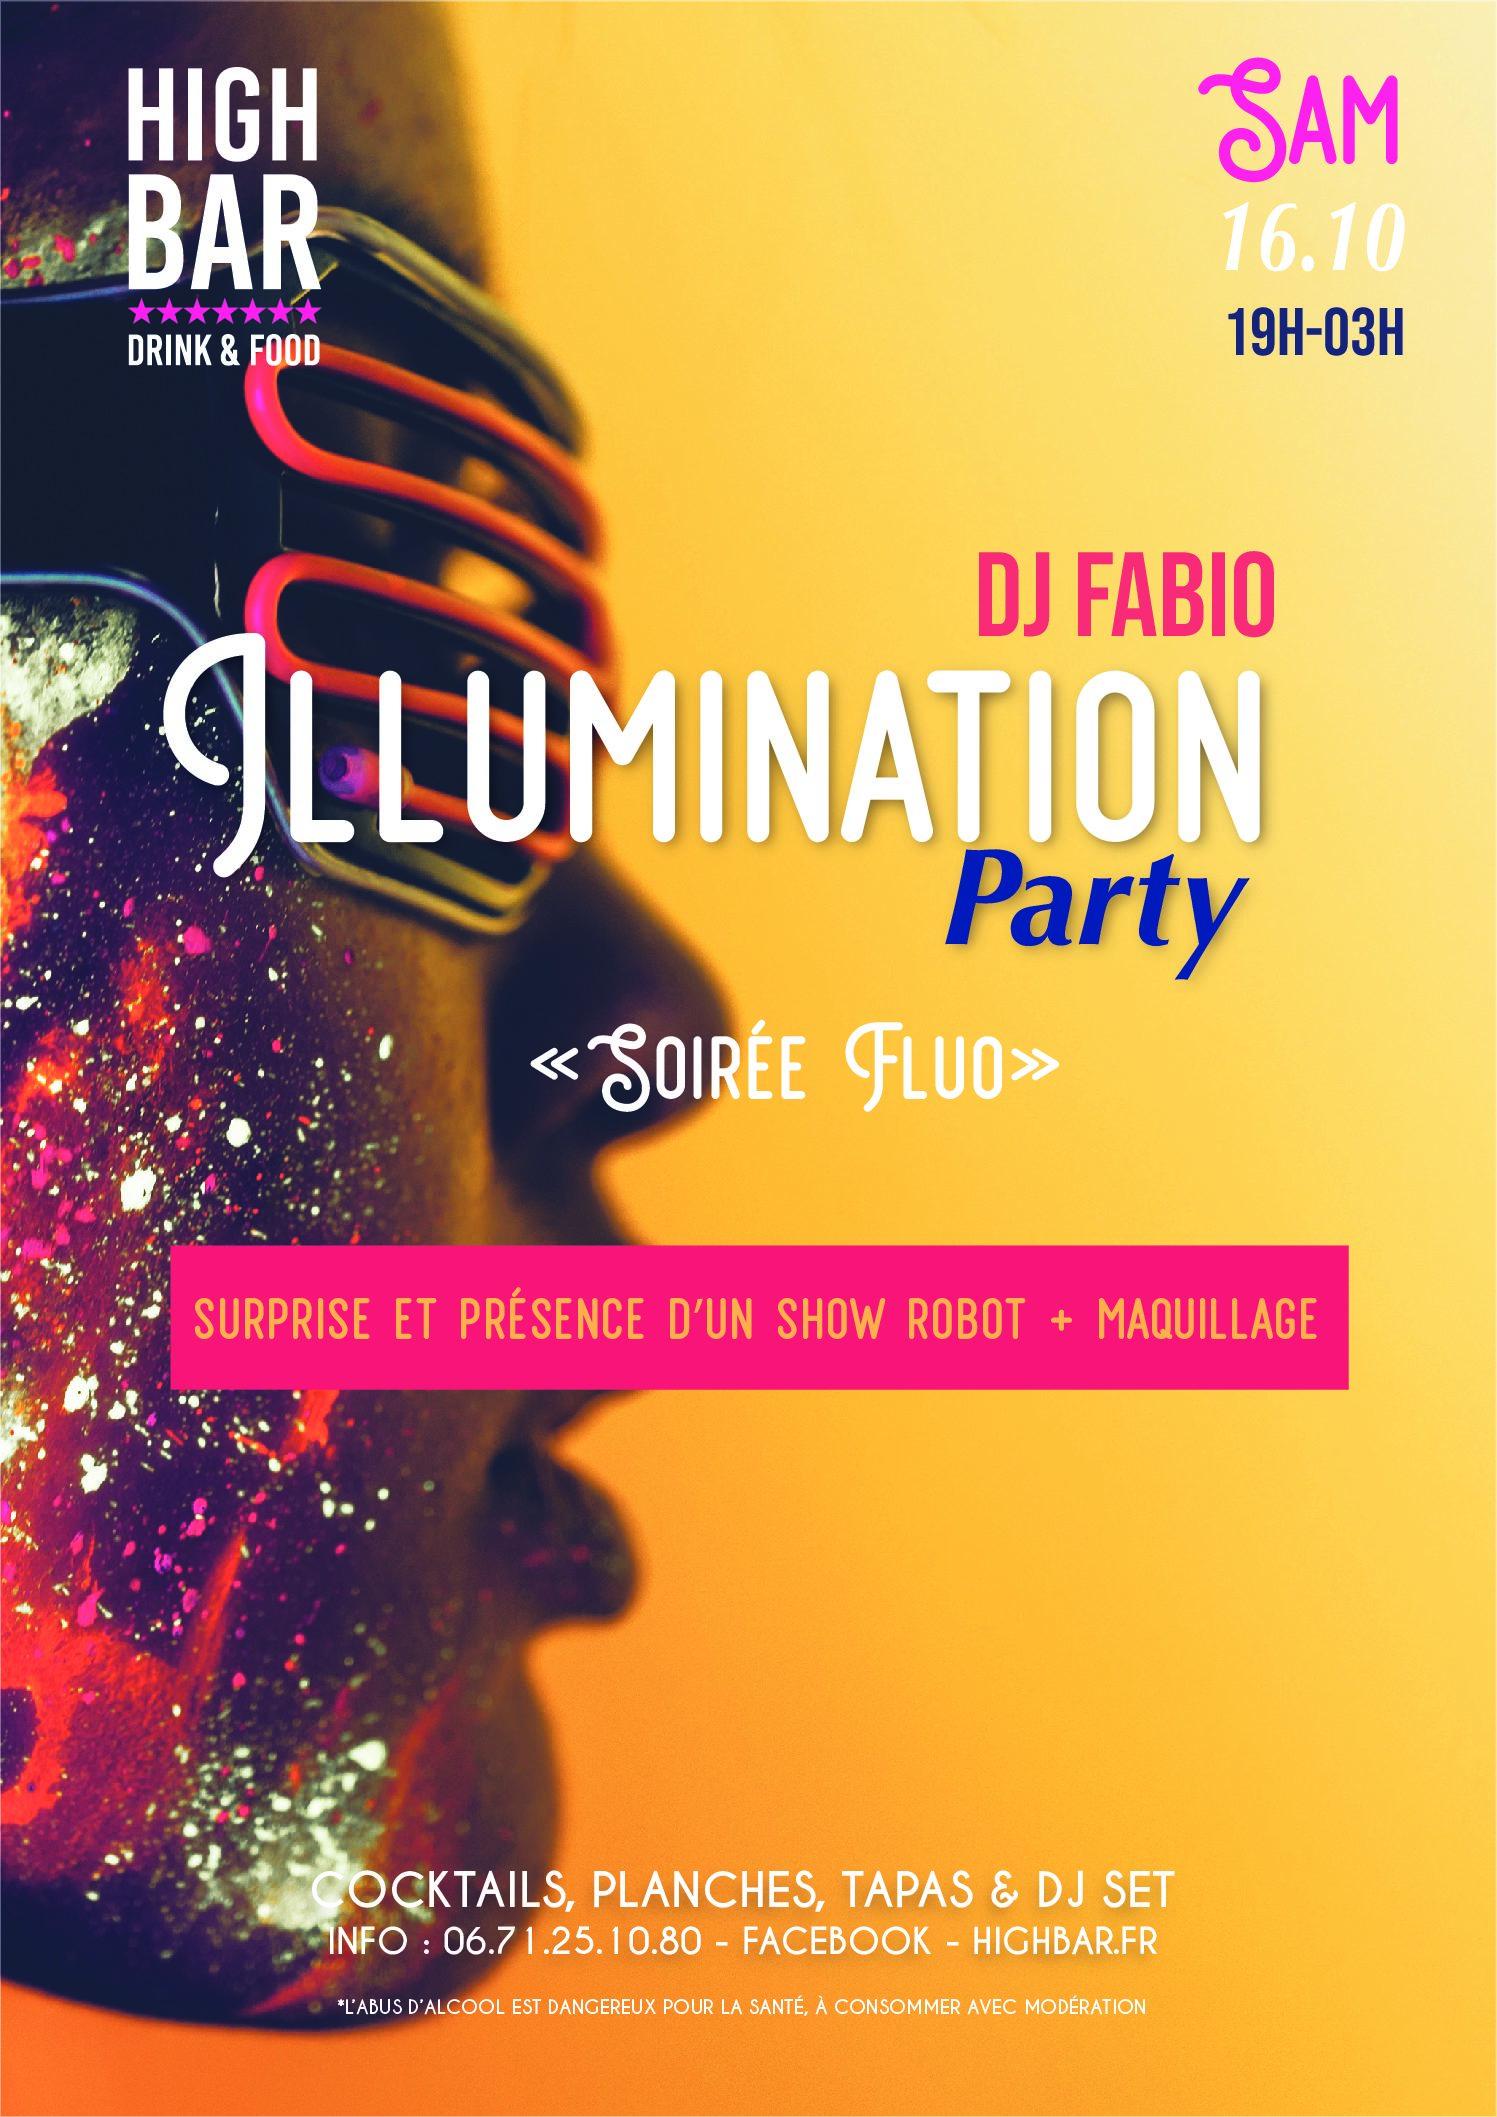 ILLUMINATION – FLUO – HIGH BAR